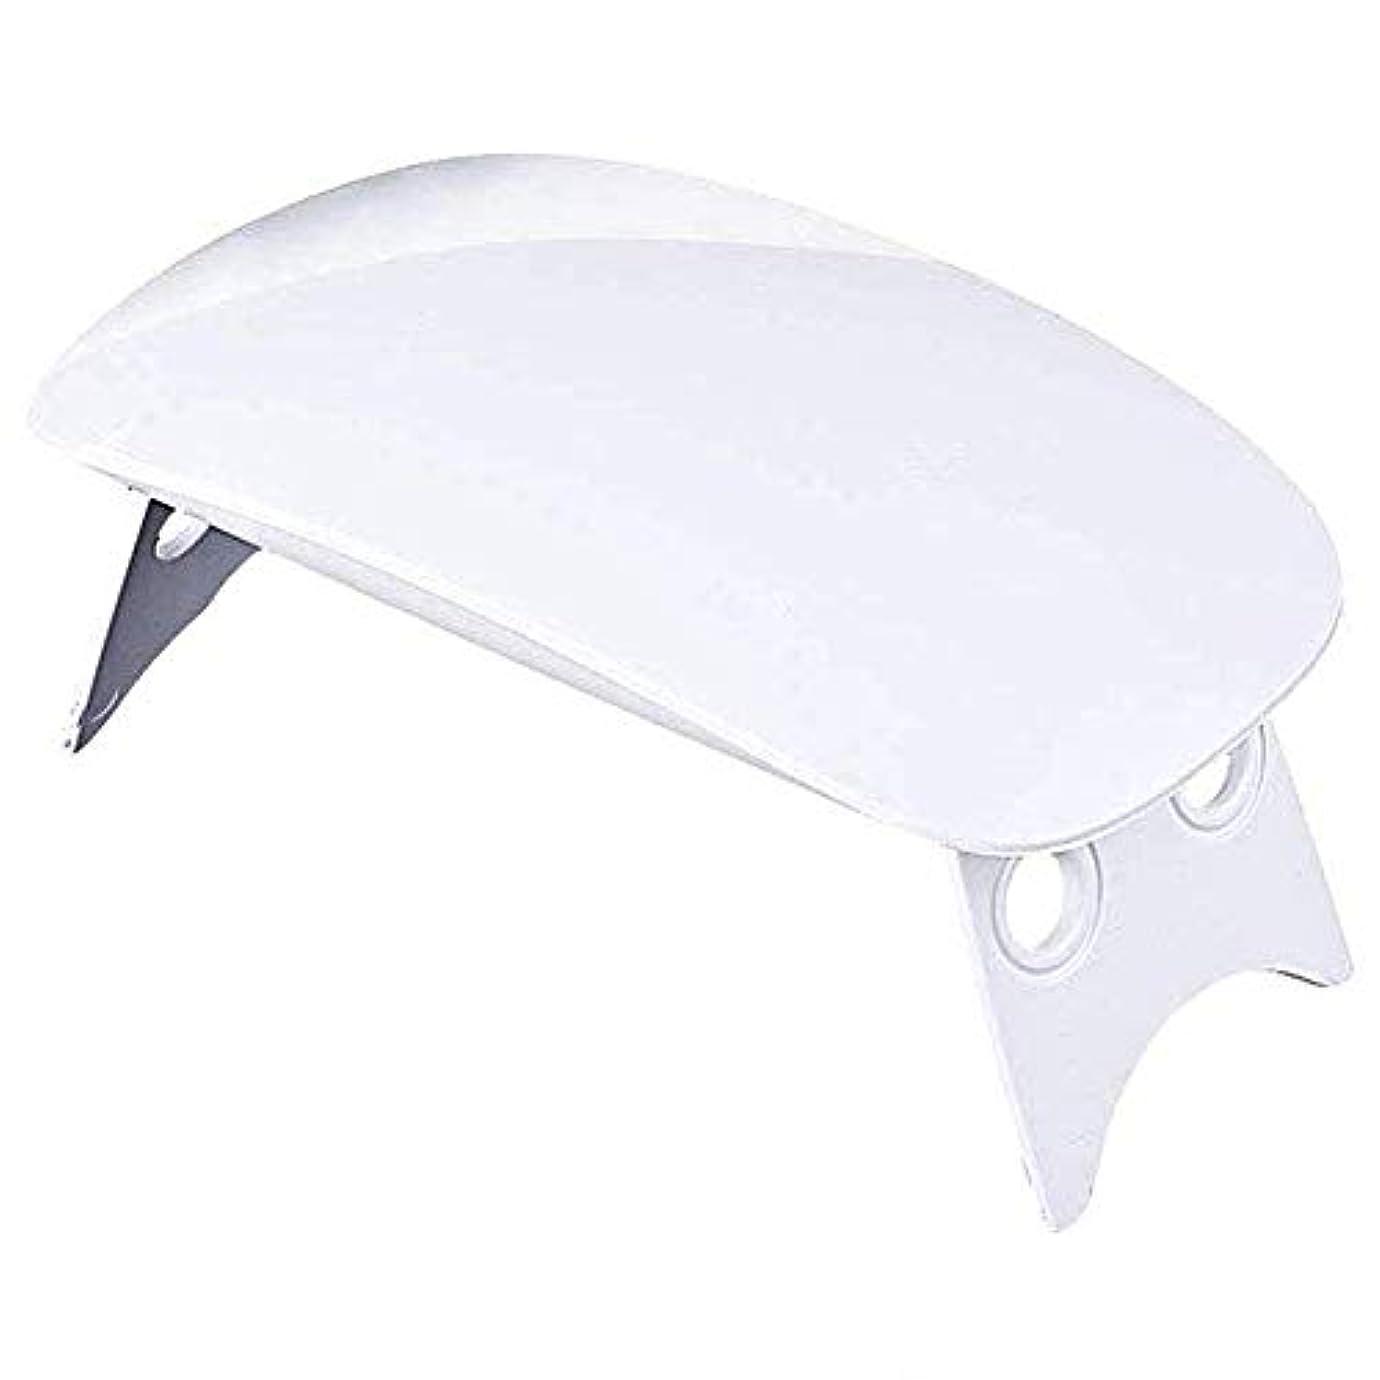 器用飛行場スリチンモイLEDネイルドライヤー UVライト 折りたたみ式 設定可能 タイマー ジェルネイル